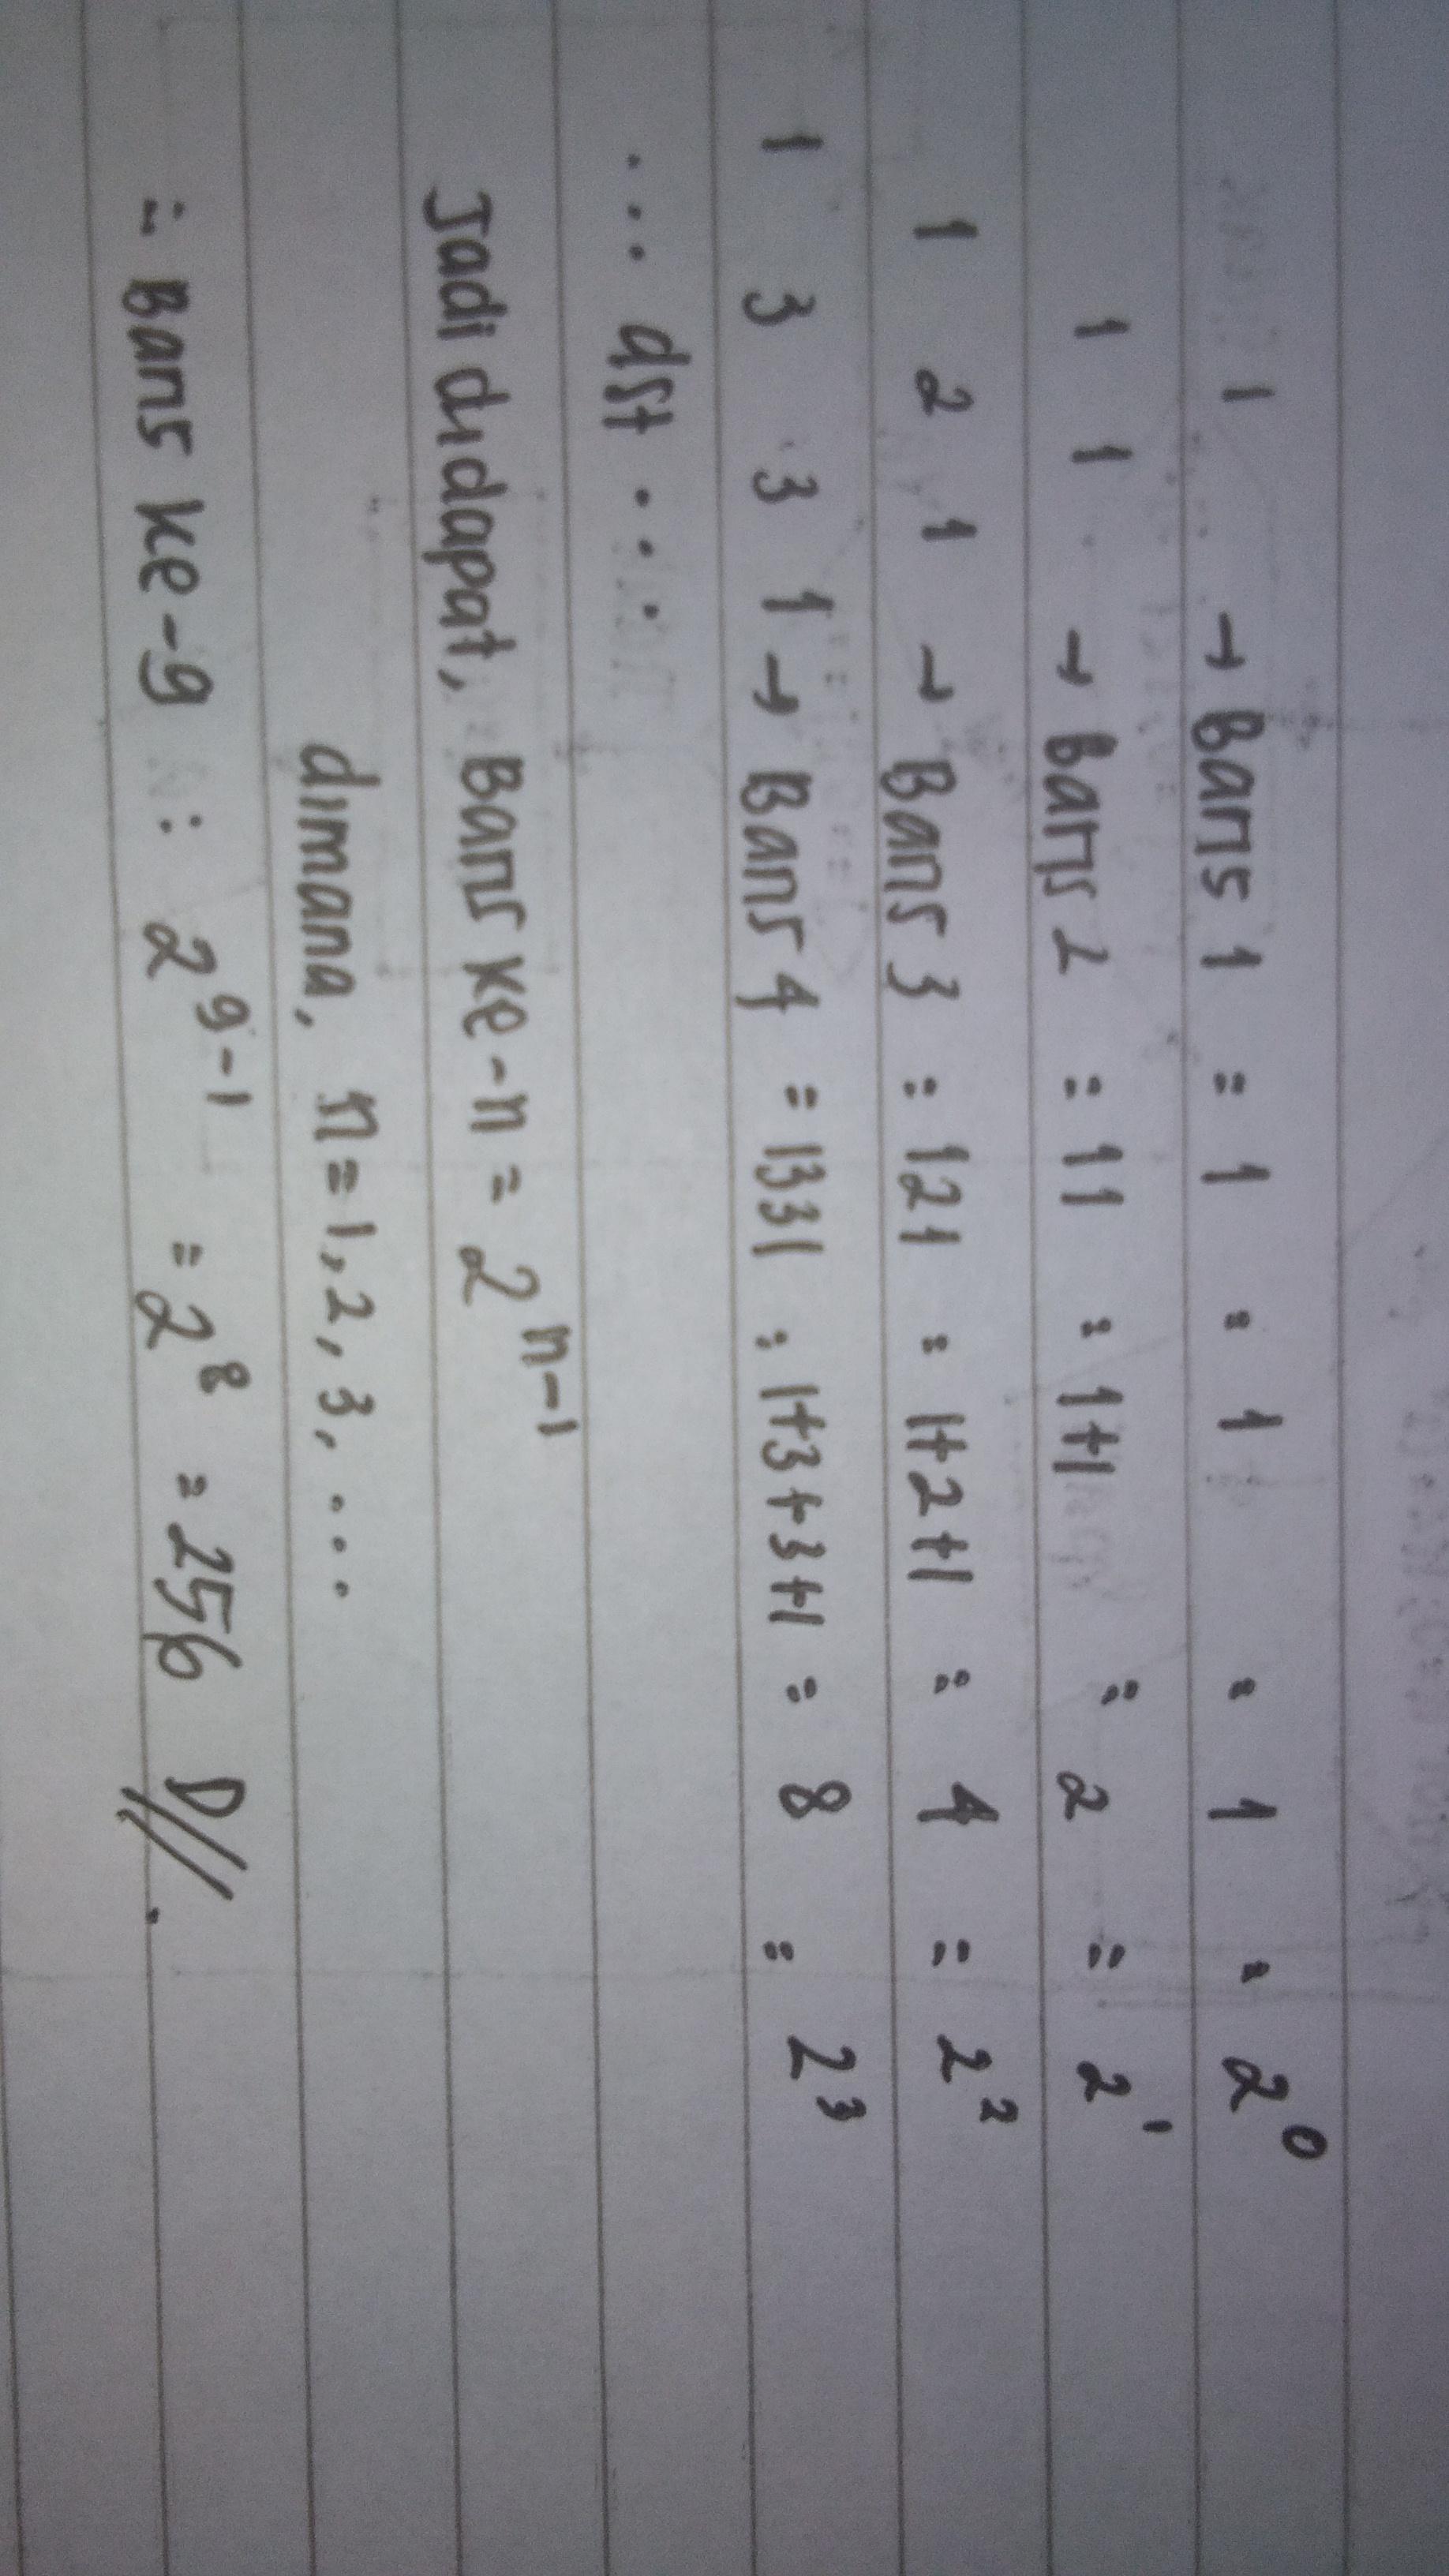 10. Jumlah bilangan pada baris ke-9 pada pola bilangan ...